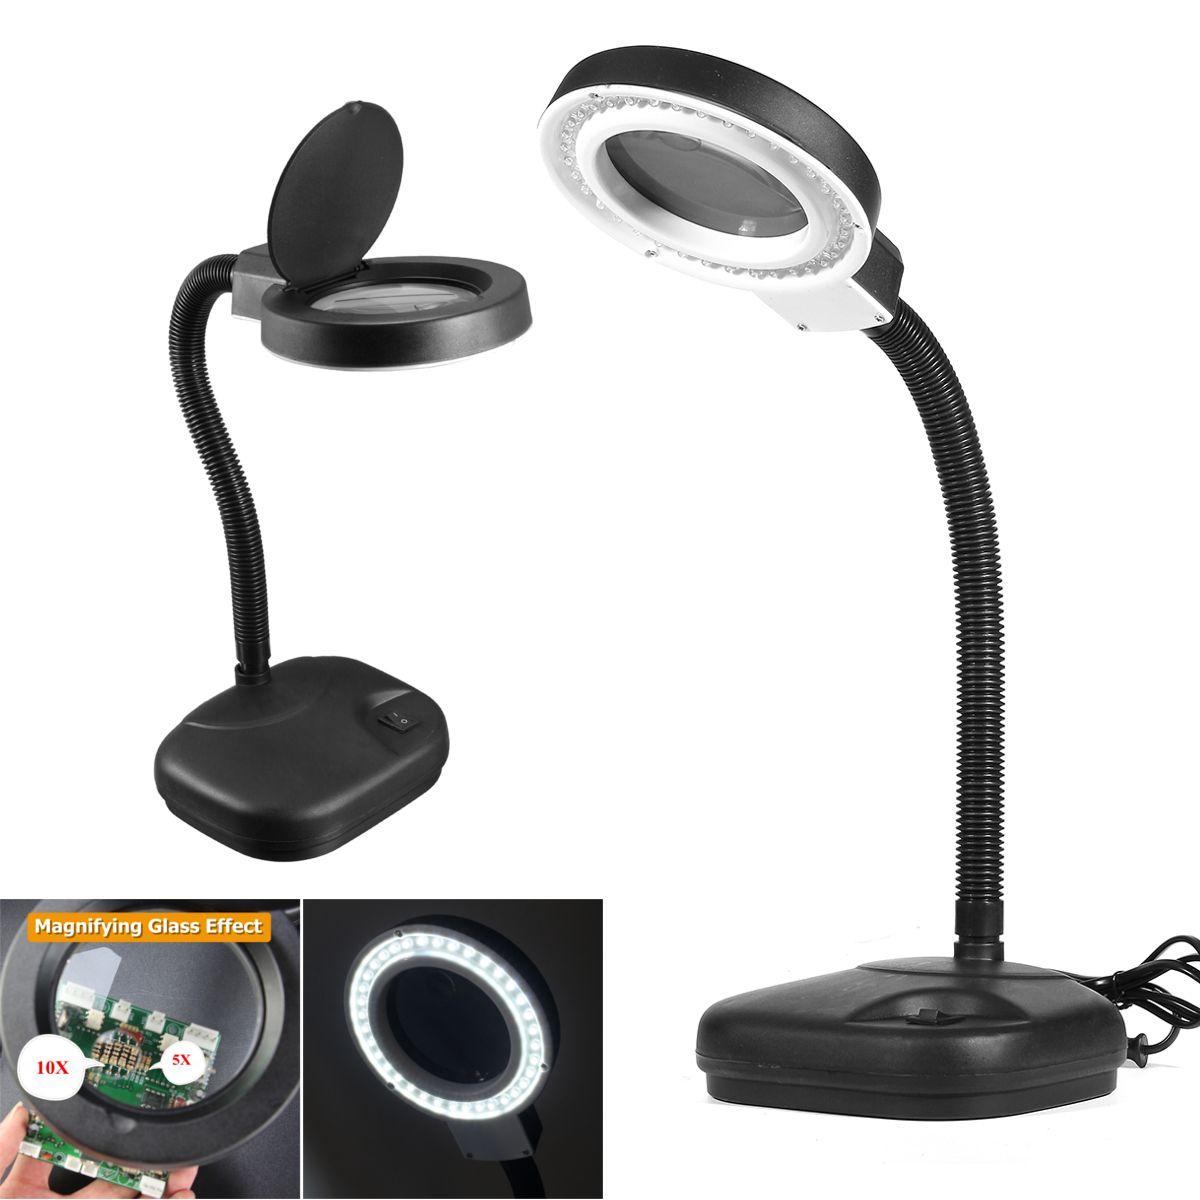 Lentille En 5x 40 Bureau Lampe Réparation Leds Artisanat 10x Verre De Daylight Loupe Led Outils tshrQd